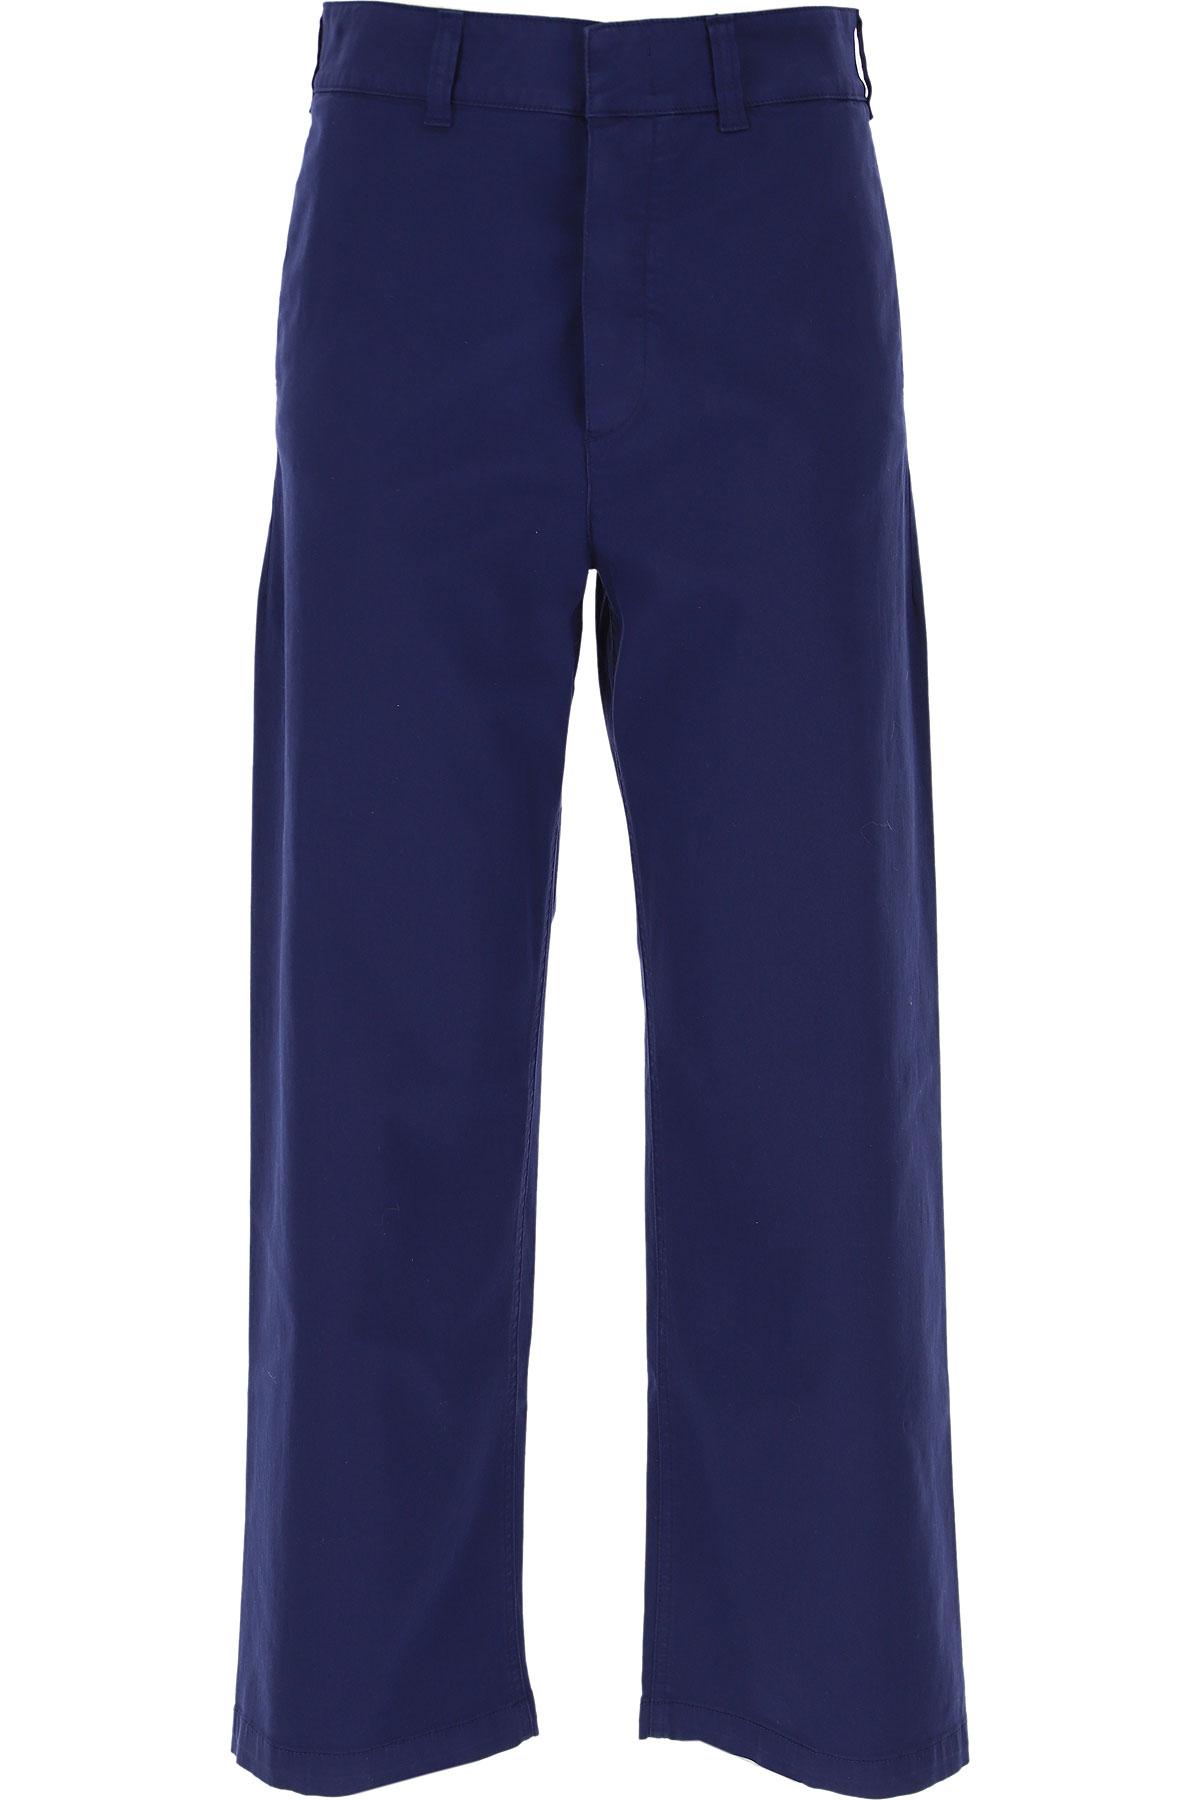 Department Five Pants for Women On Sale, Open Blue, Cotton, 2019, 26 28 30